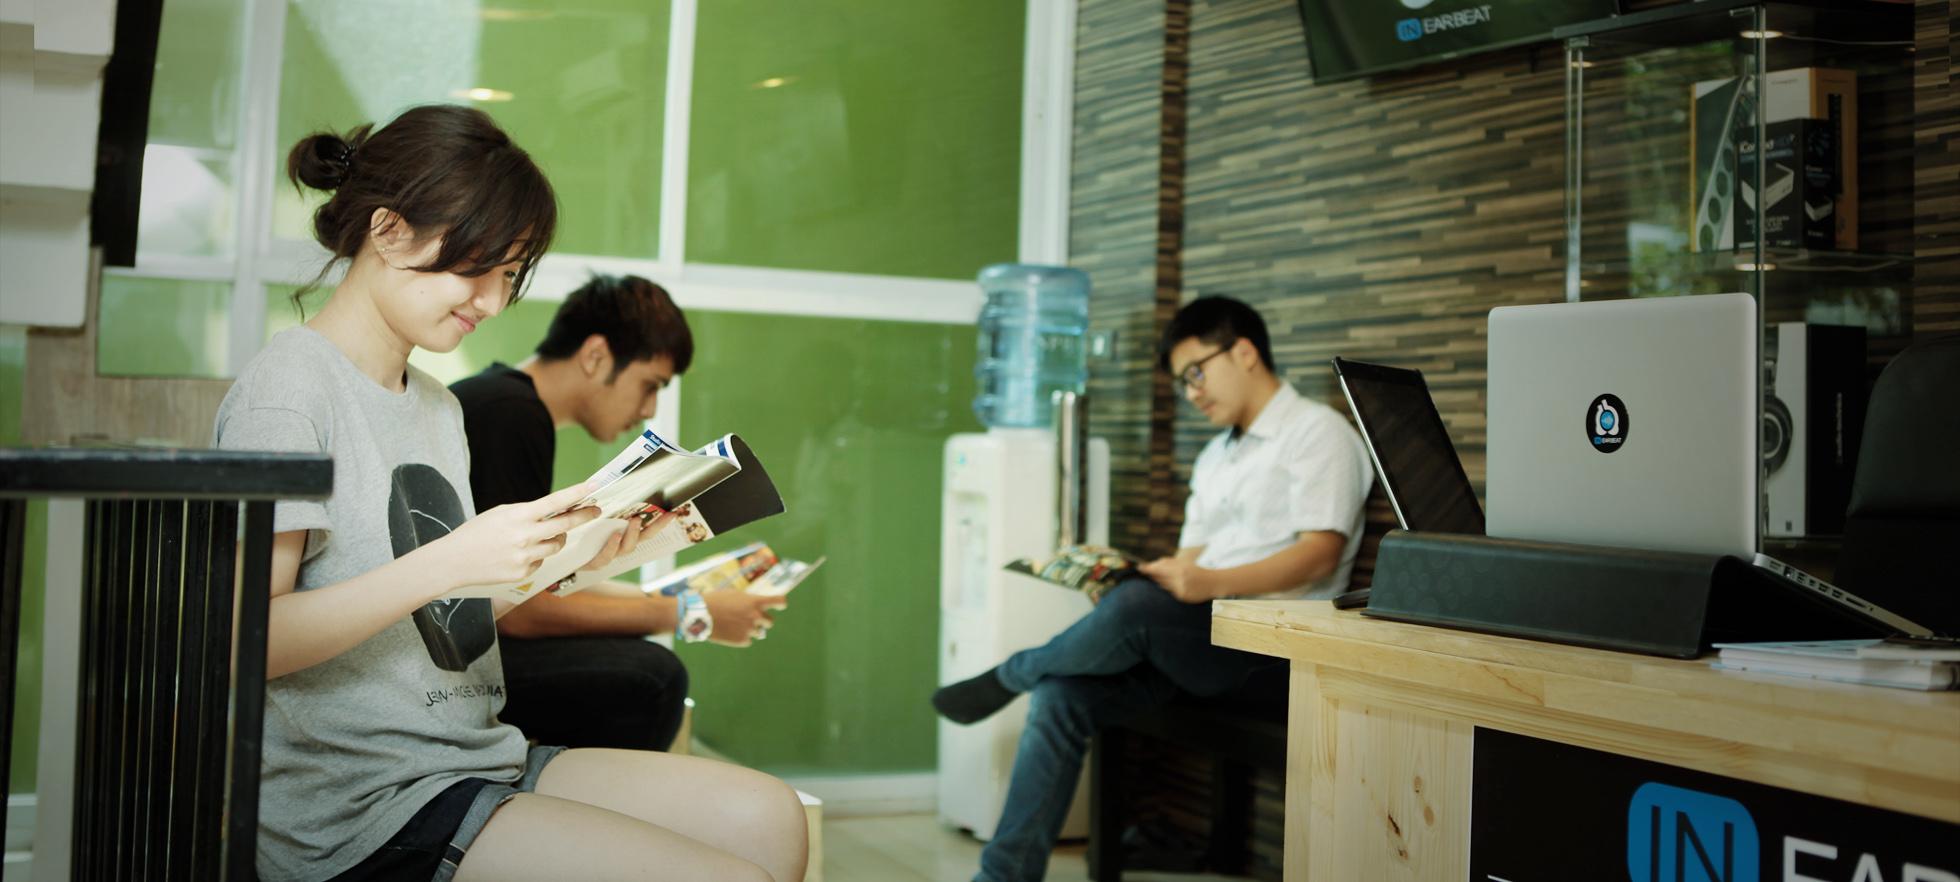 บริเวณนั่งรอเรียน | InEarBeat